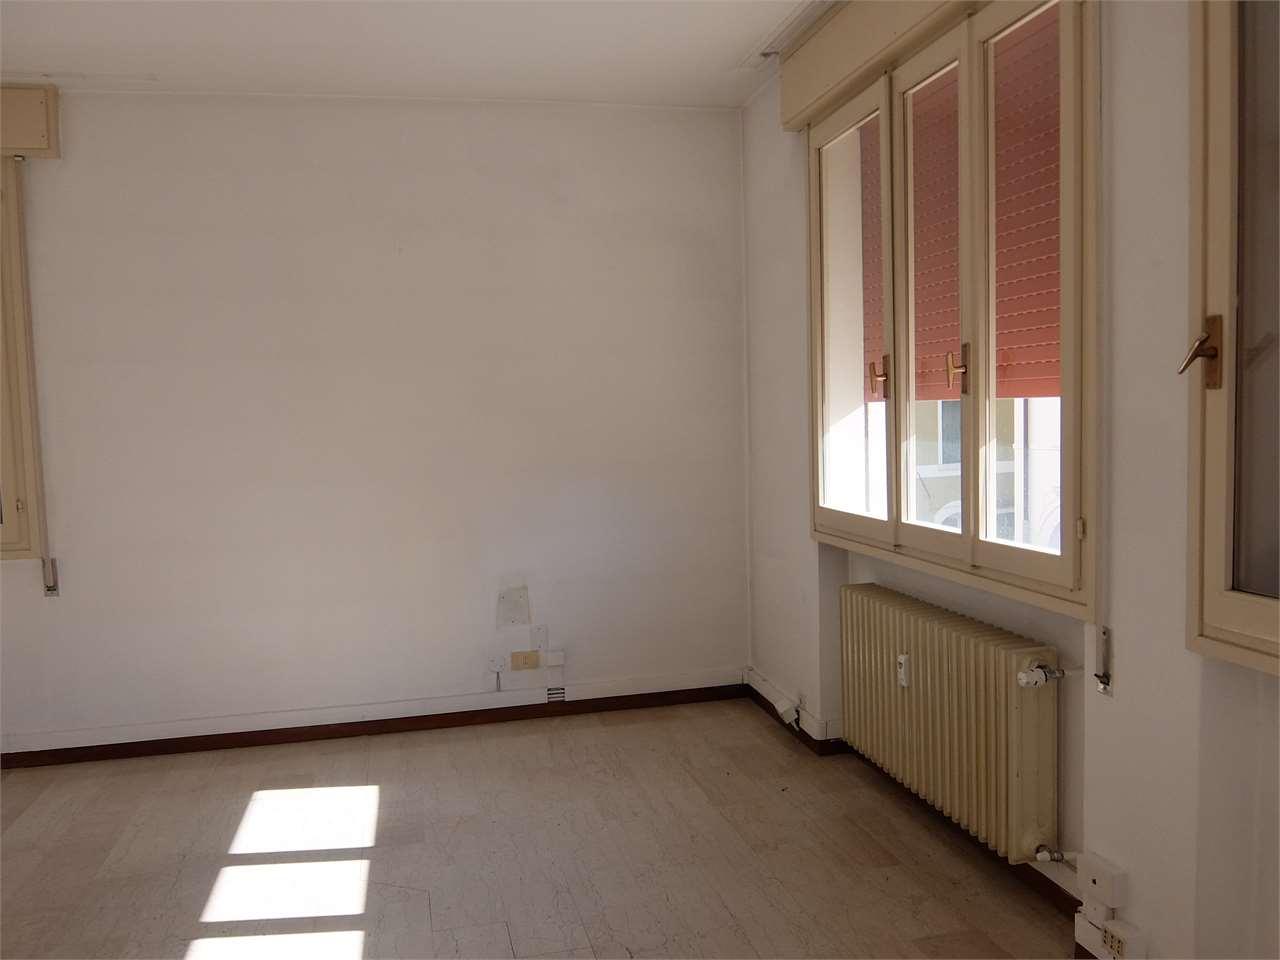 Ufficio / Studio in vendita a Motta di Livenza, 3 locali, prezzo € 68.000 | CambioCasa.it